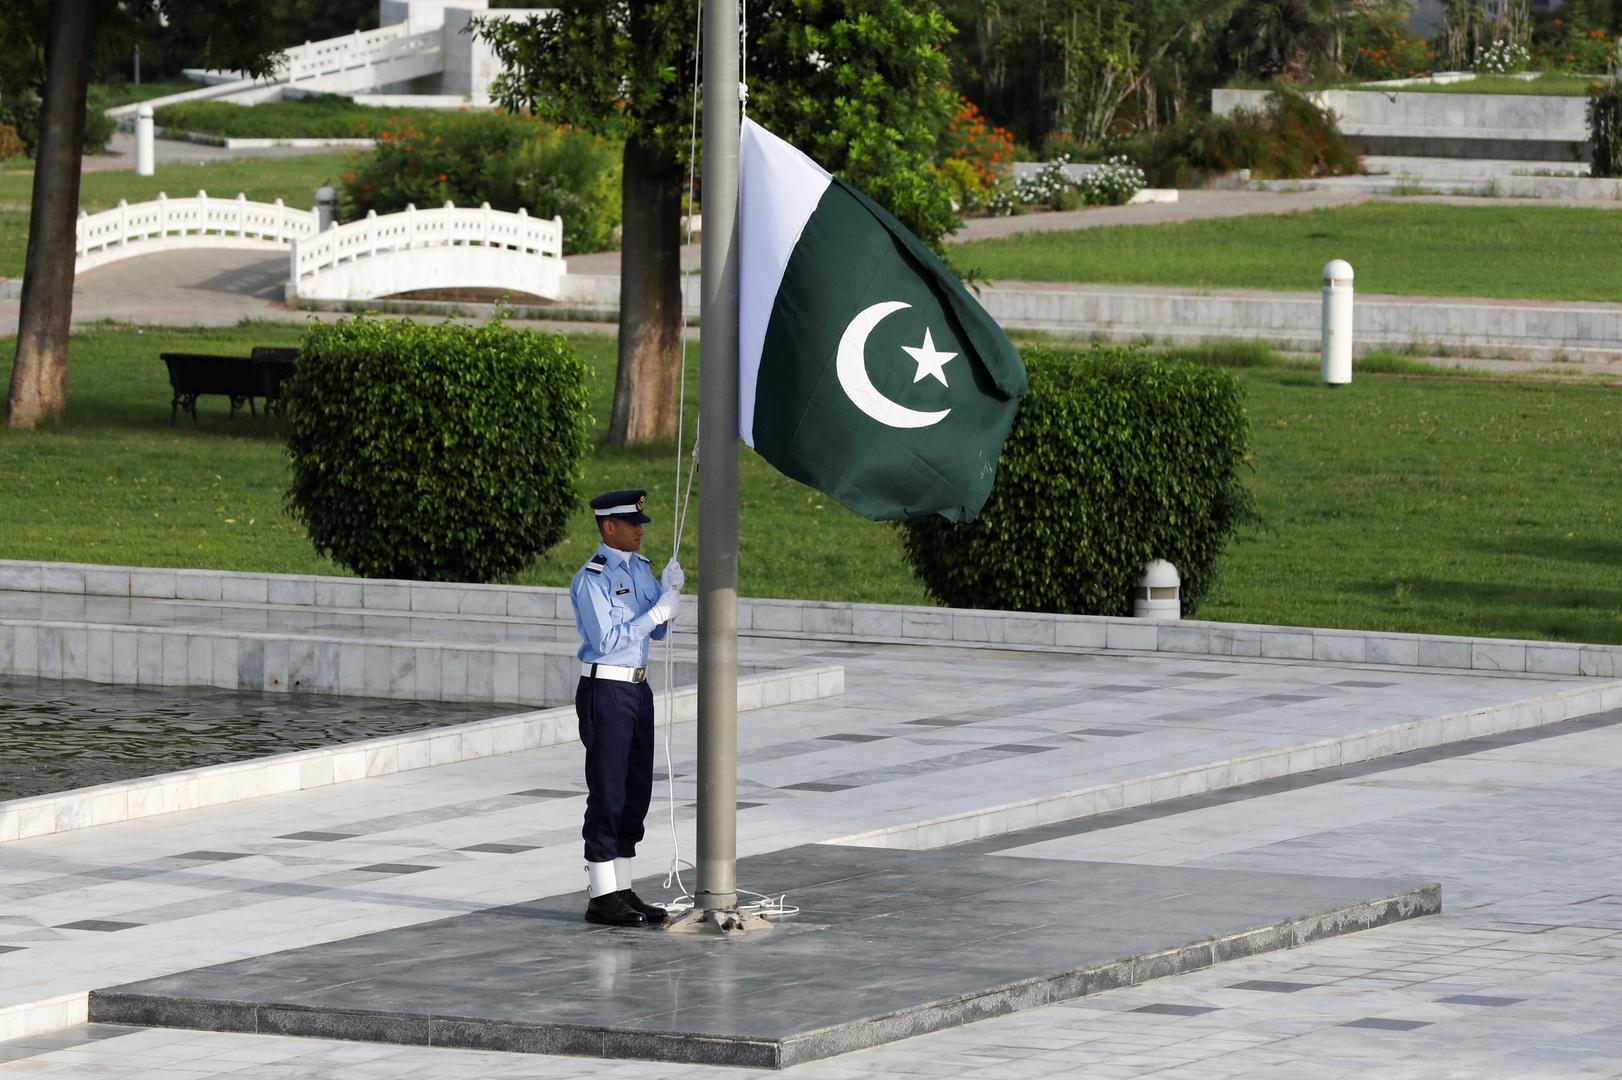 باكستان تتضامن مع السعودية إثر التقرير الأمريكي بشأن مقتل خاشقجي